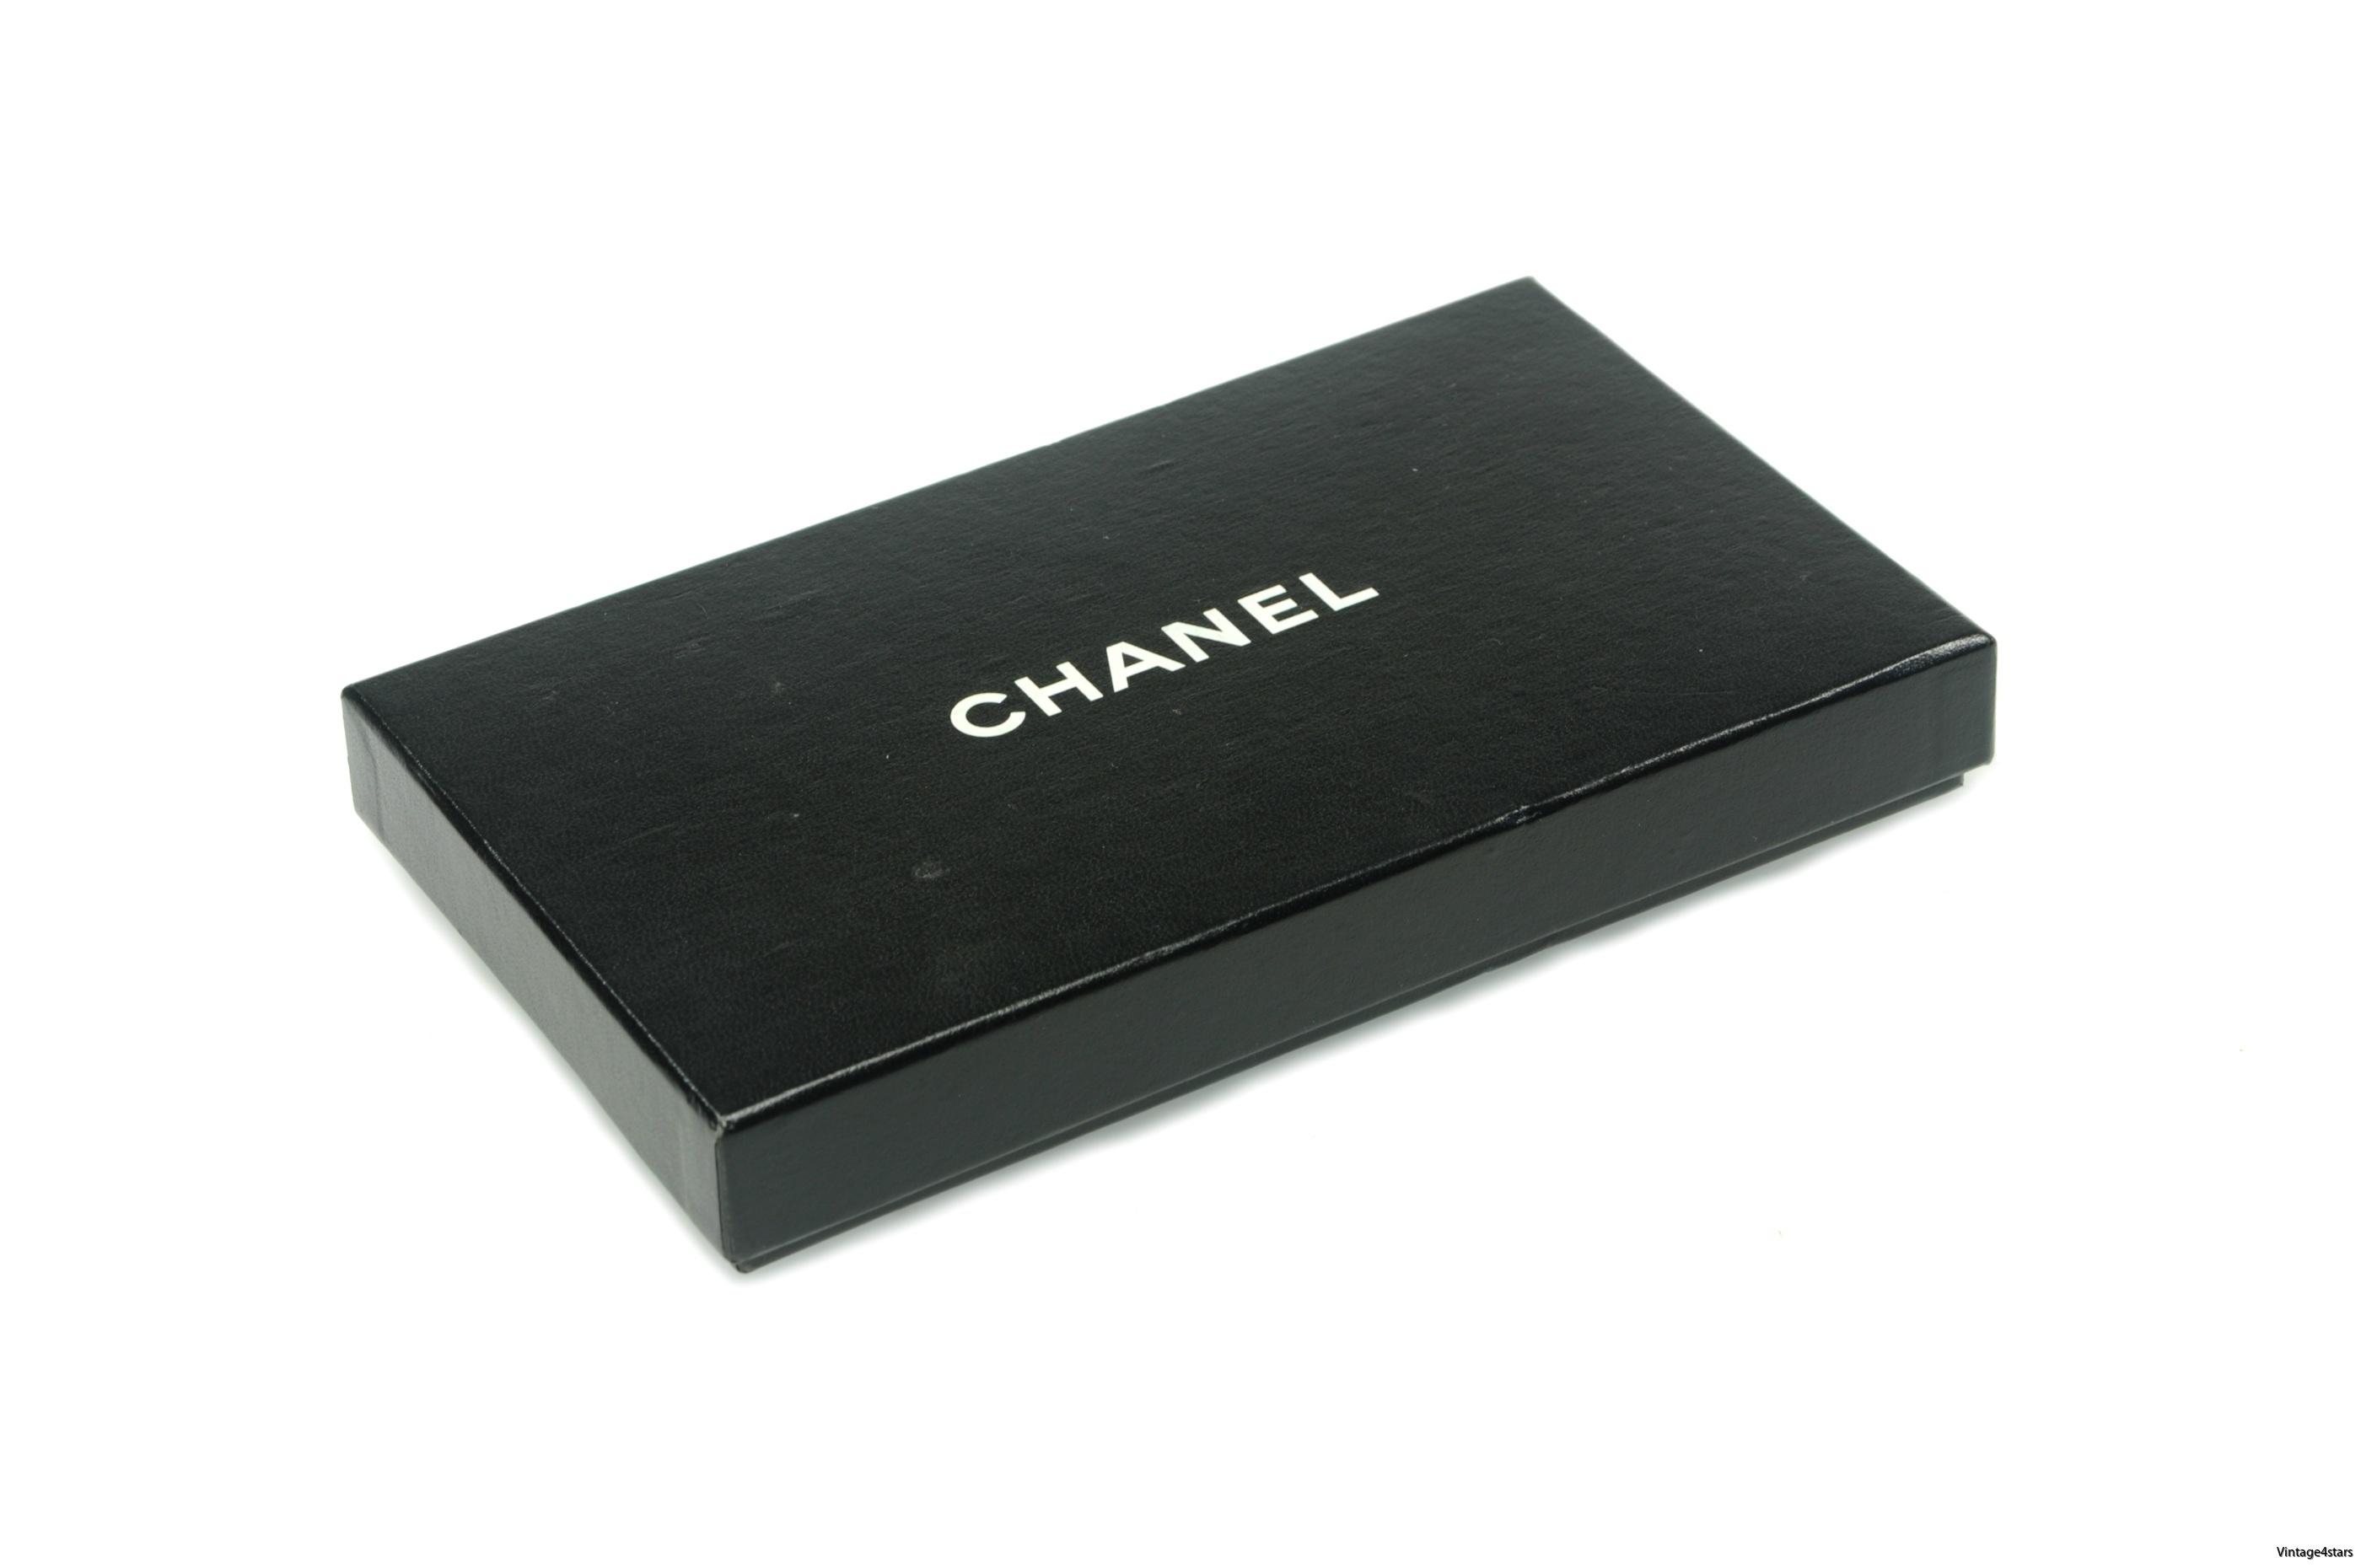 CHANEL Wallet Lambskin 20